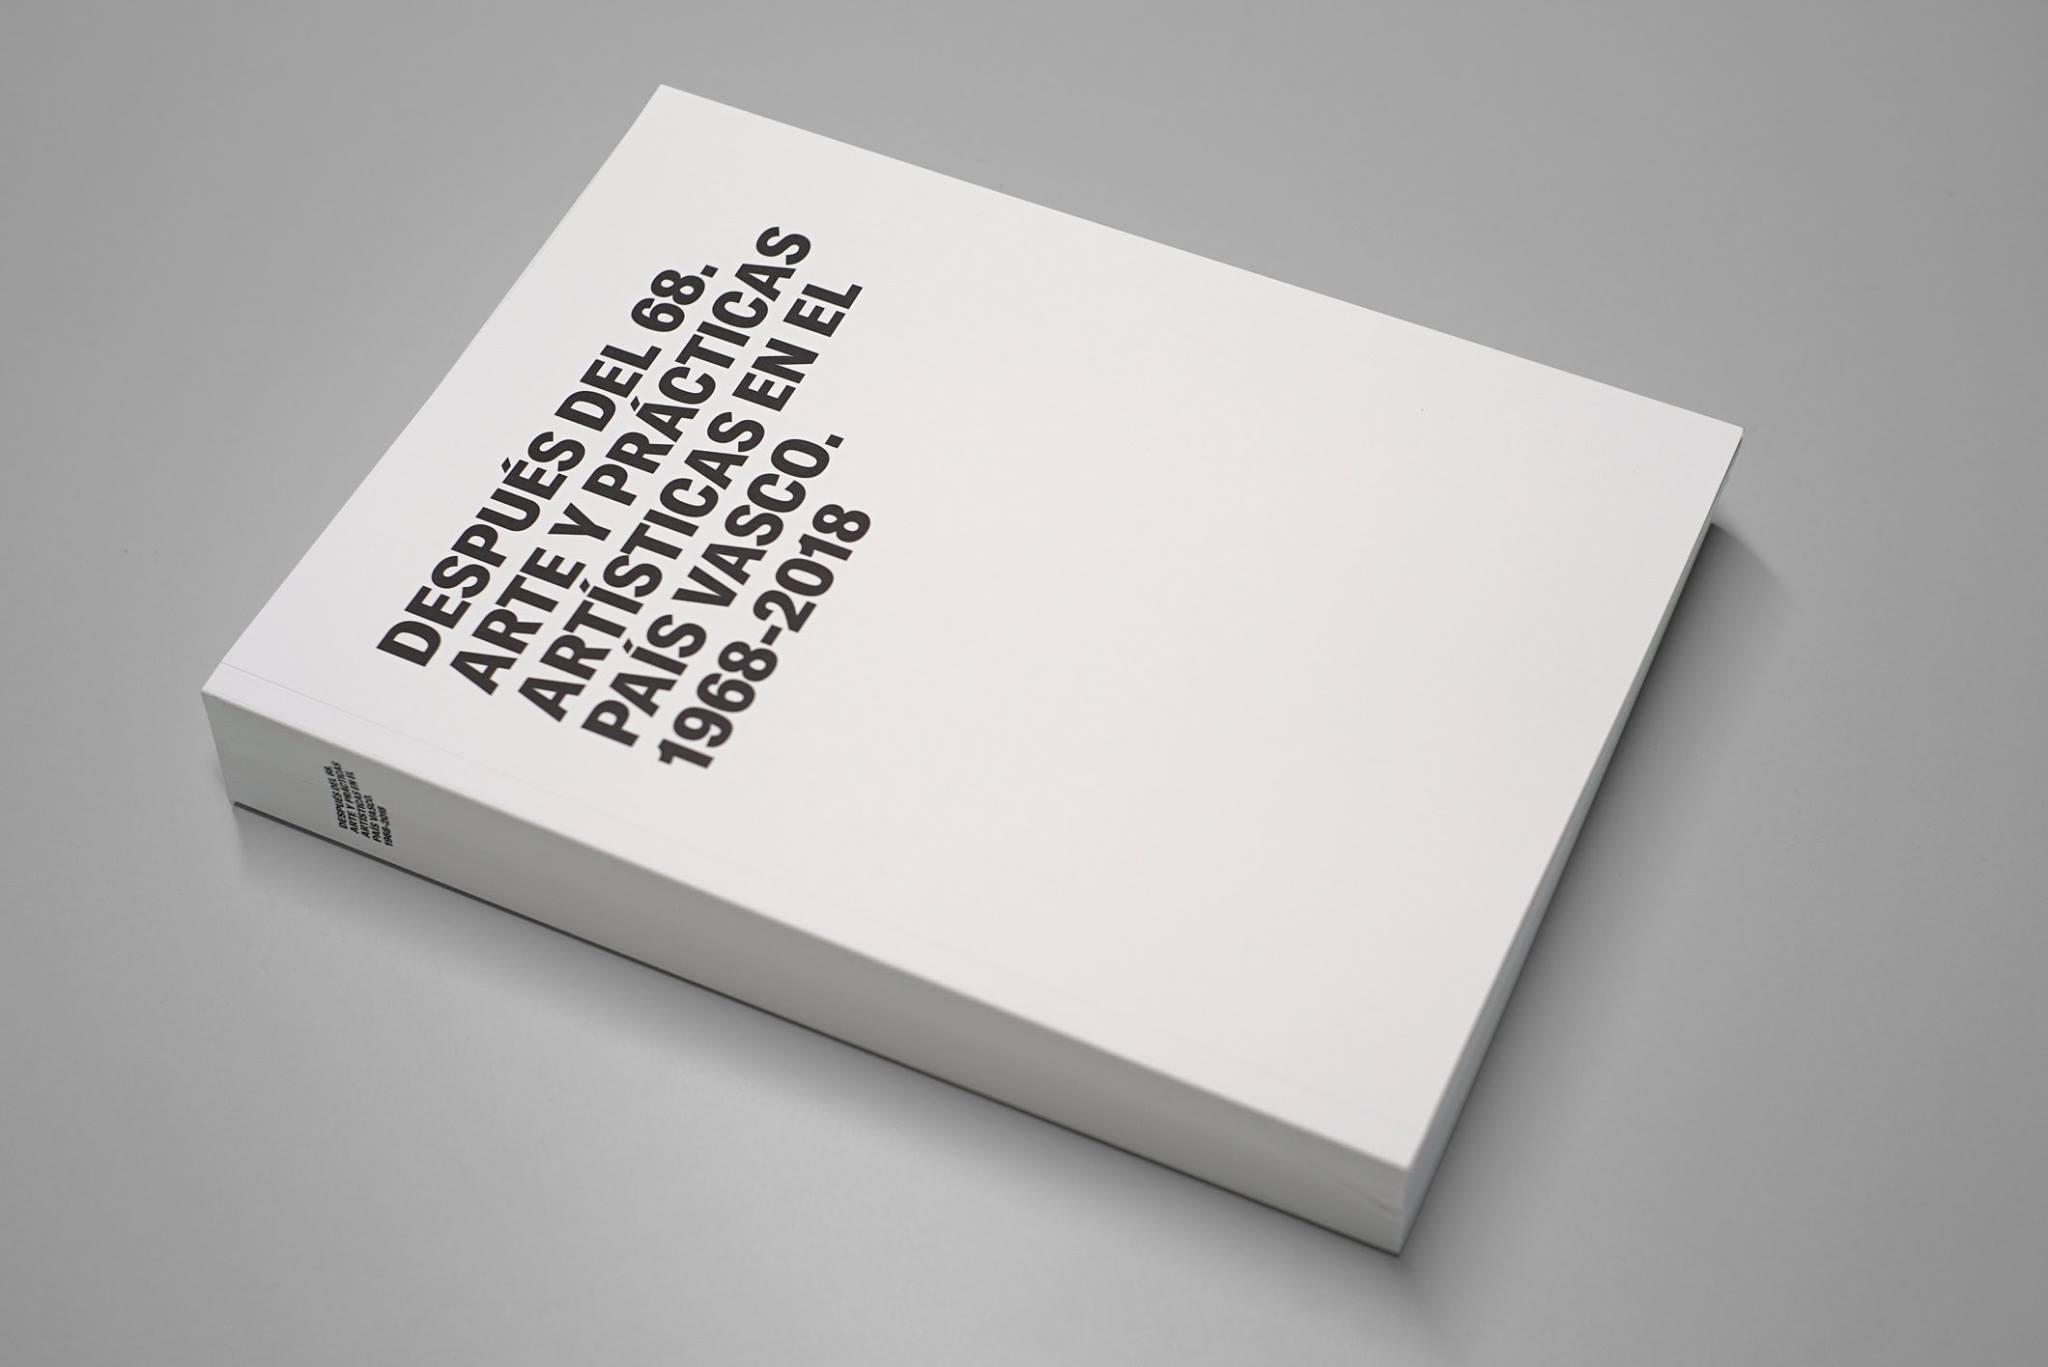 Después del 68 by Franziska Estudio - Creative Work - $i